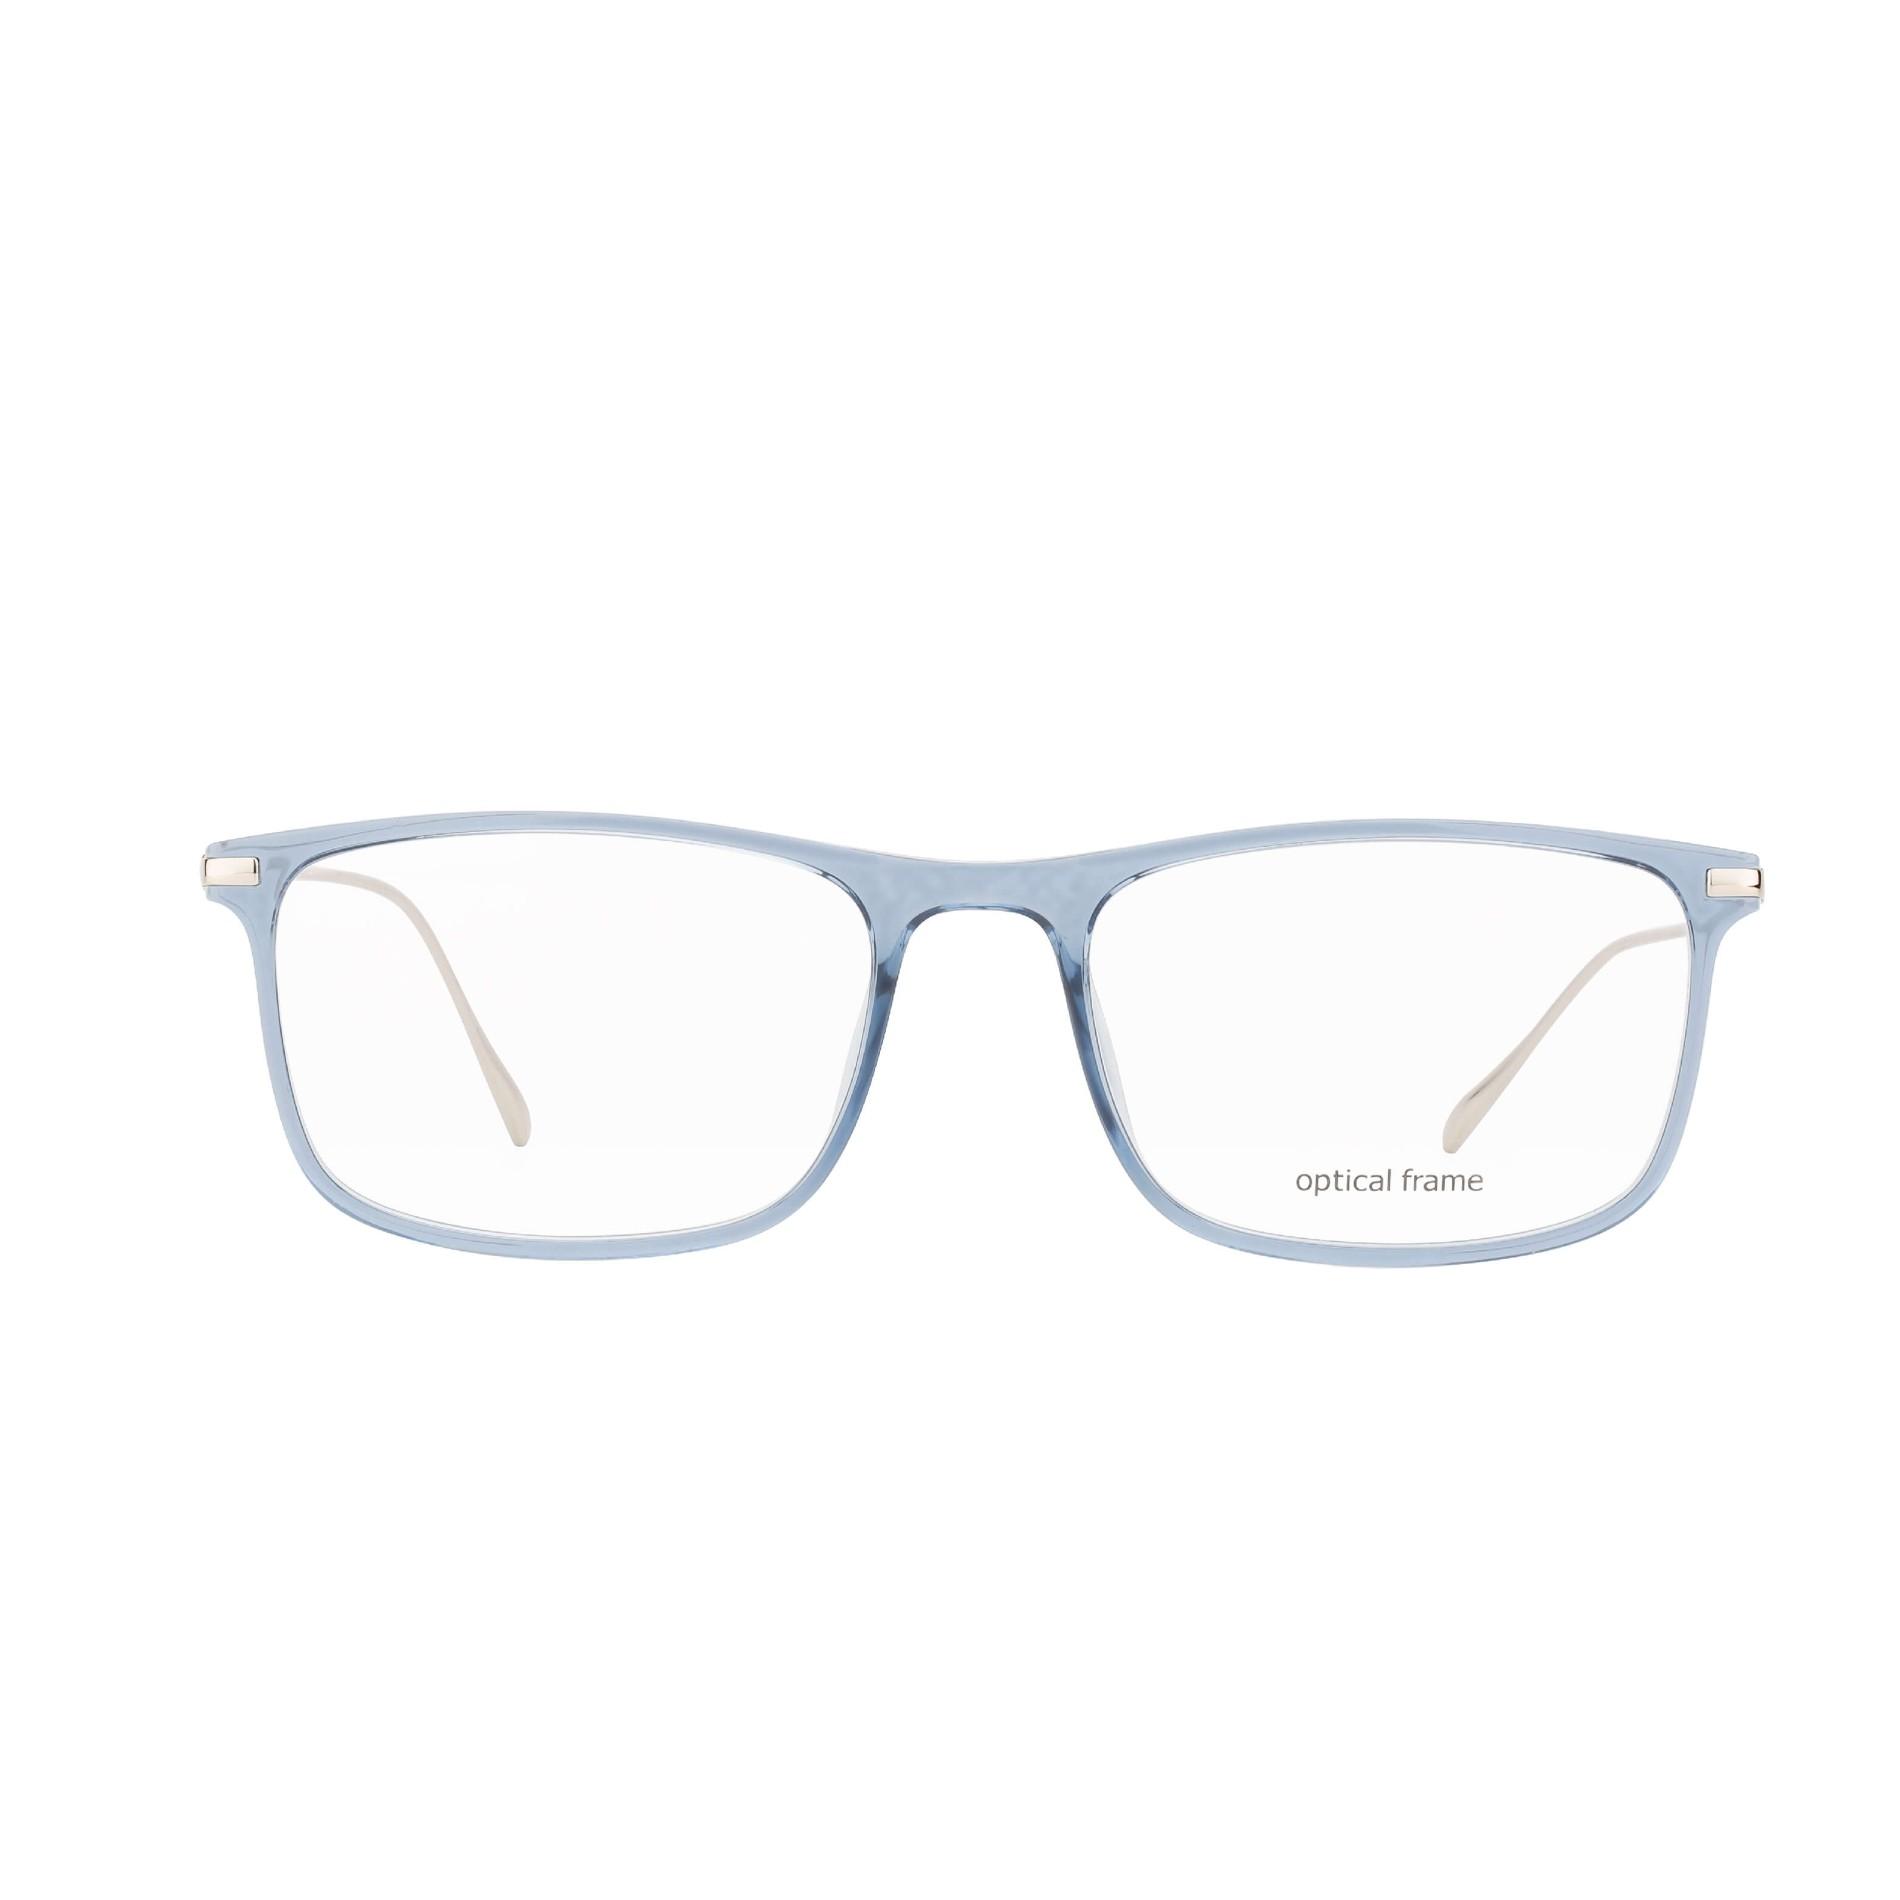 Men's Business Style TR90 Eyeglass Frame Manufacturers, Men's Business Style TR90 Eyeglass Frame Factory, Supply Men's Business Style TR90 Eyeglass Frame